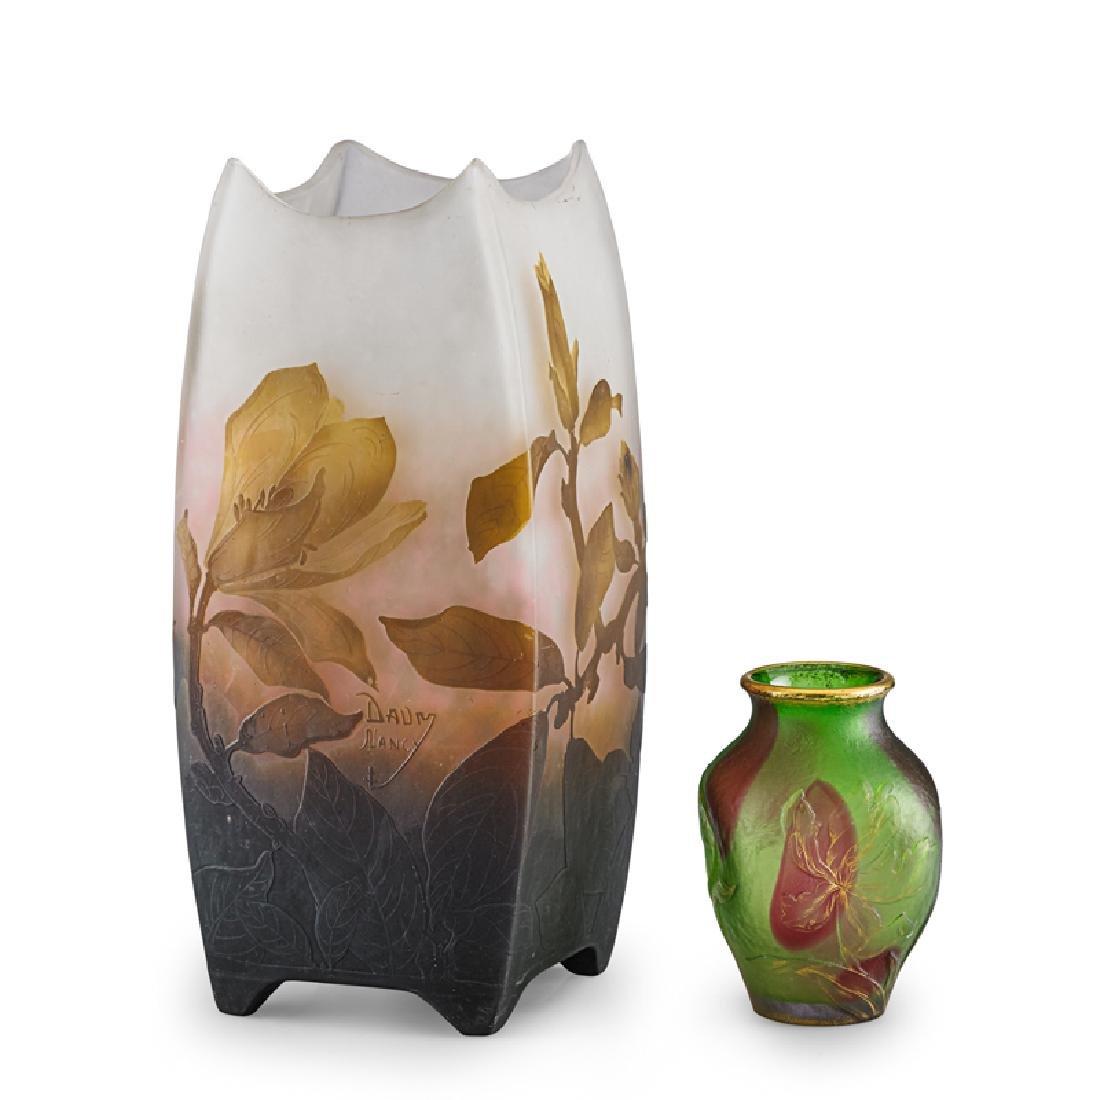 DAUM NANCY CAMEO GLASS